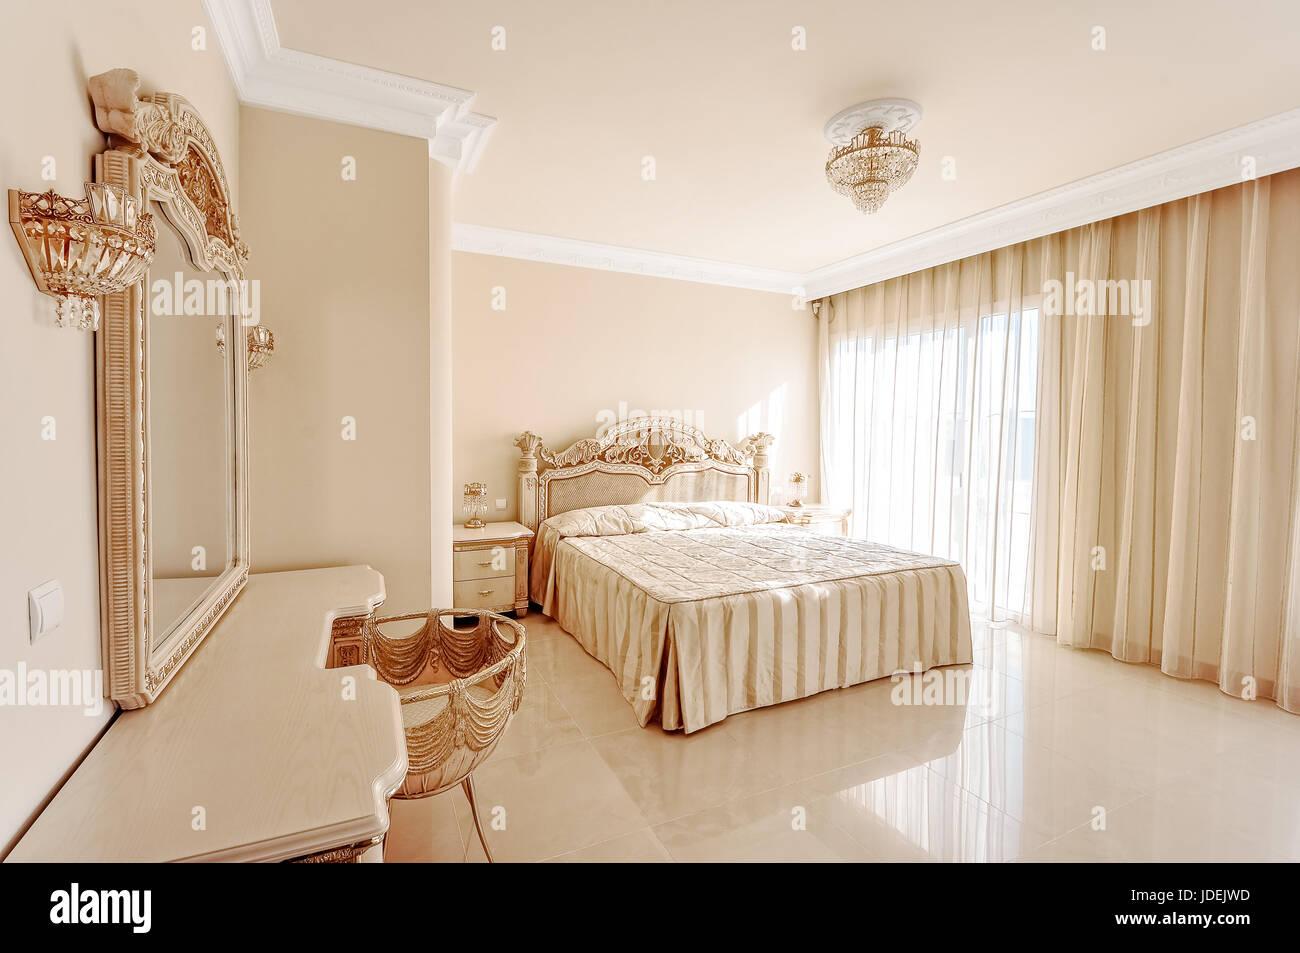 Colori Pastello Per Camera Da Letto : Lussuosa camera da letto in colori pastello in stile neoclassico